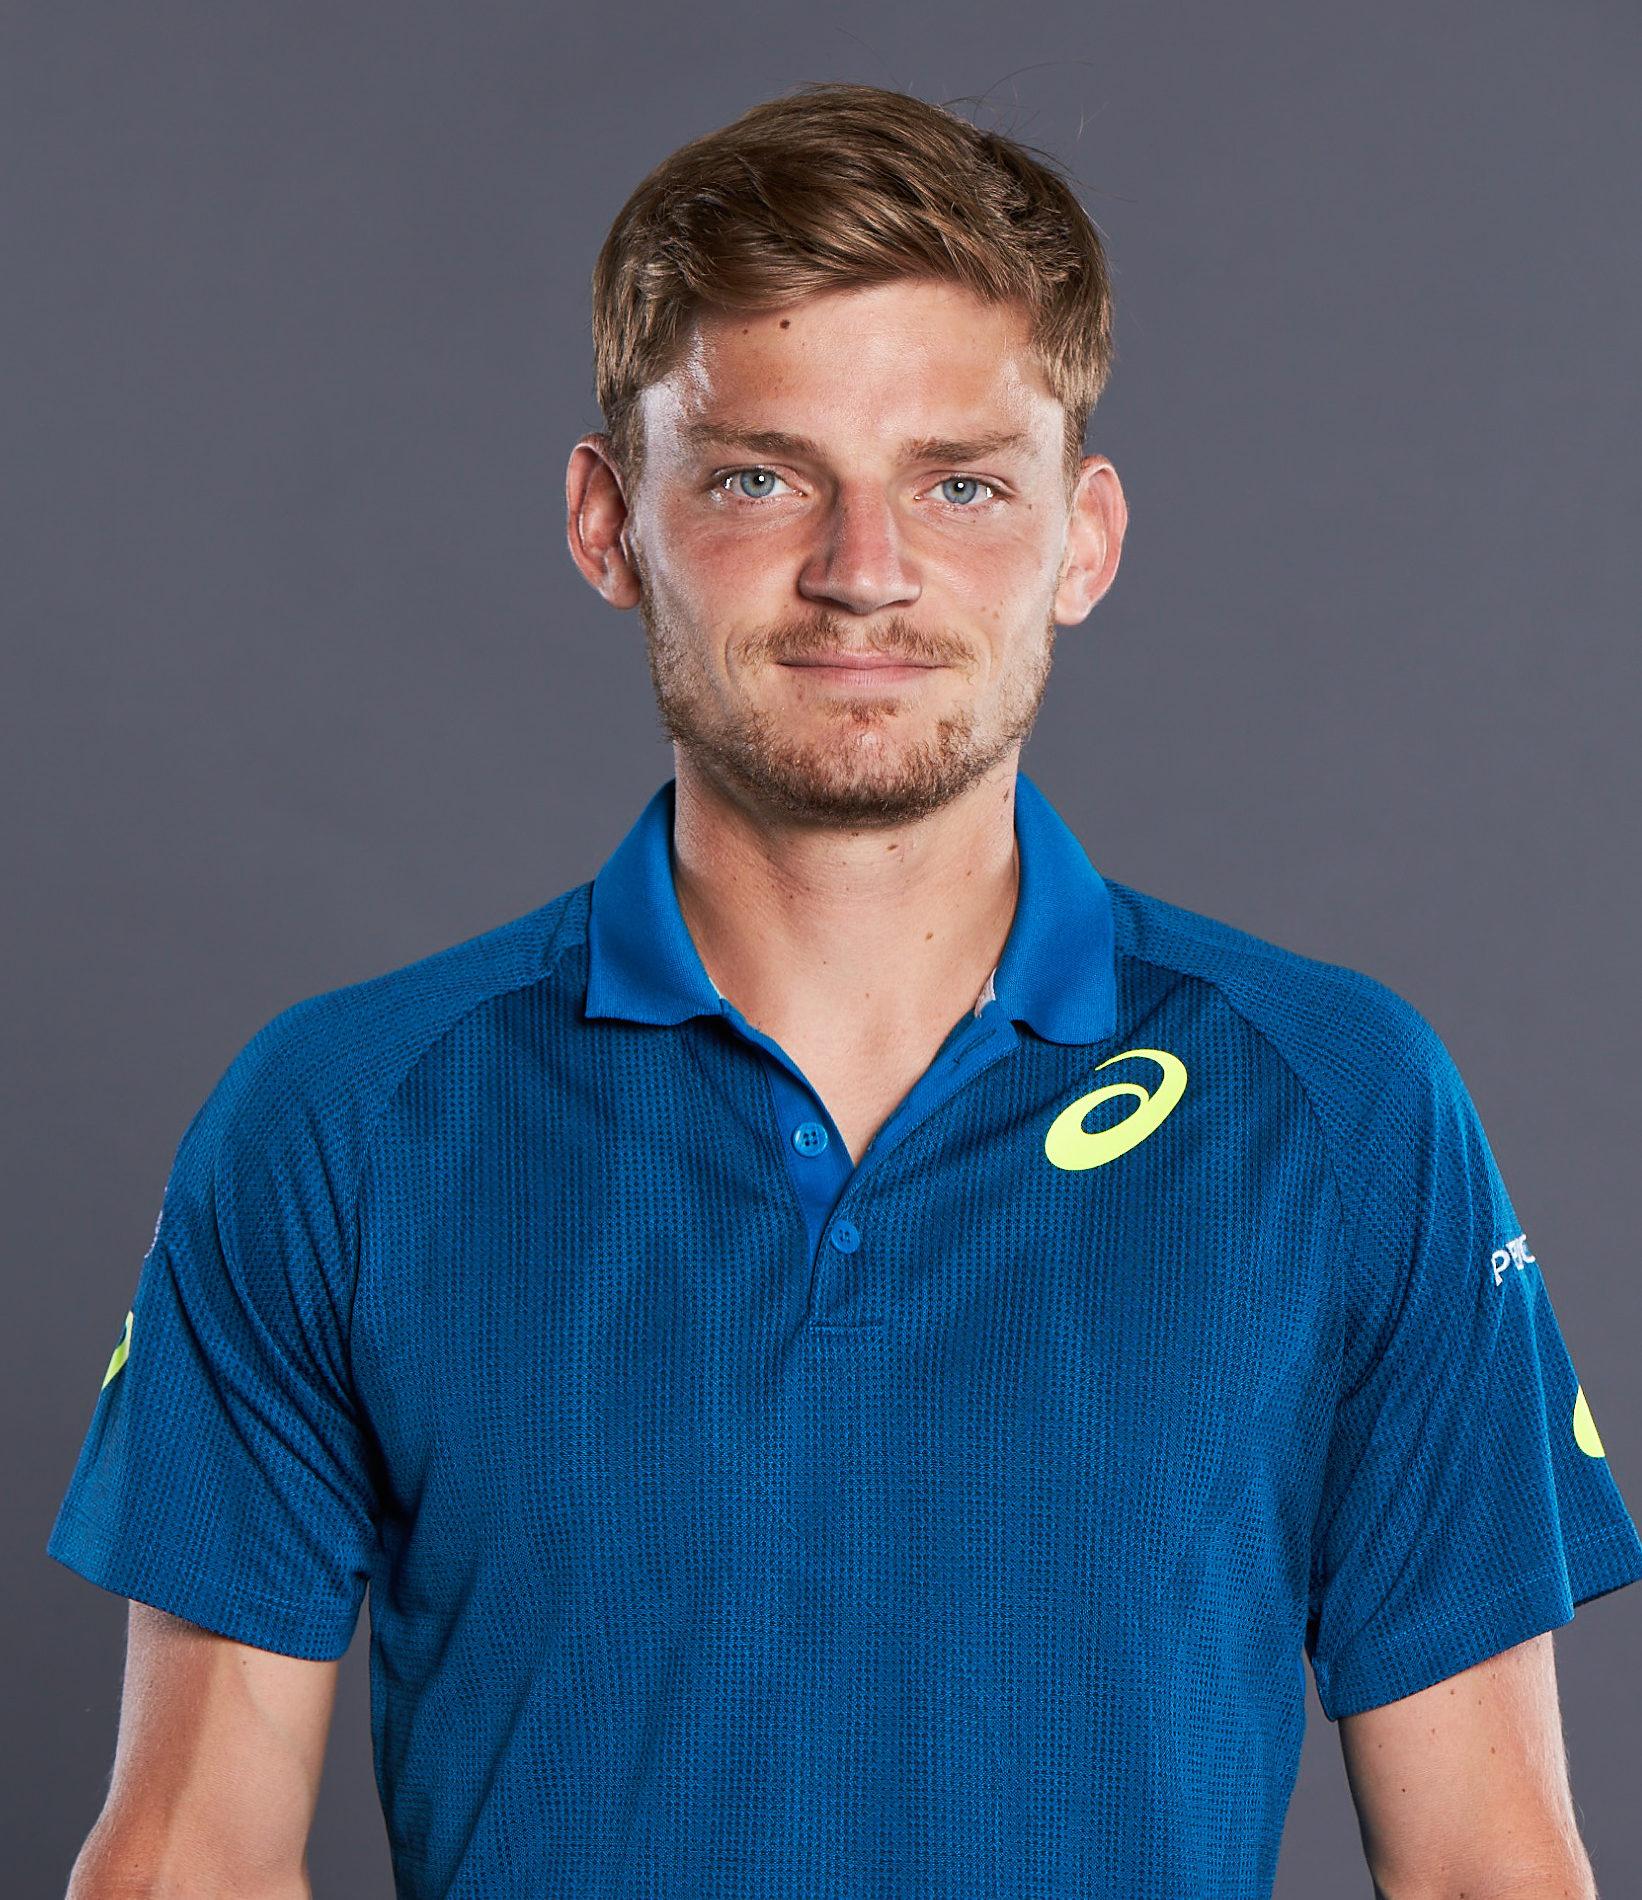 torneo di tennis Umago - David Goffin